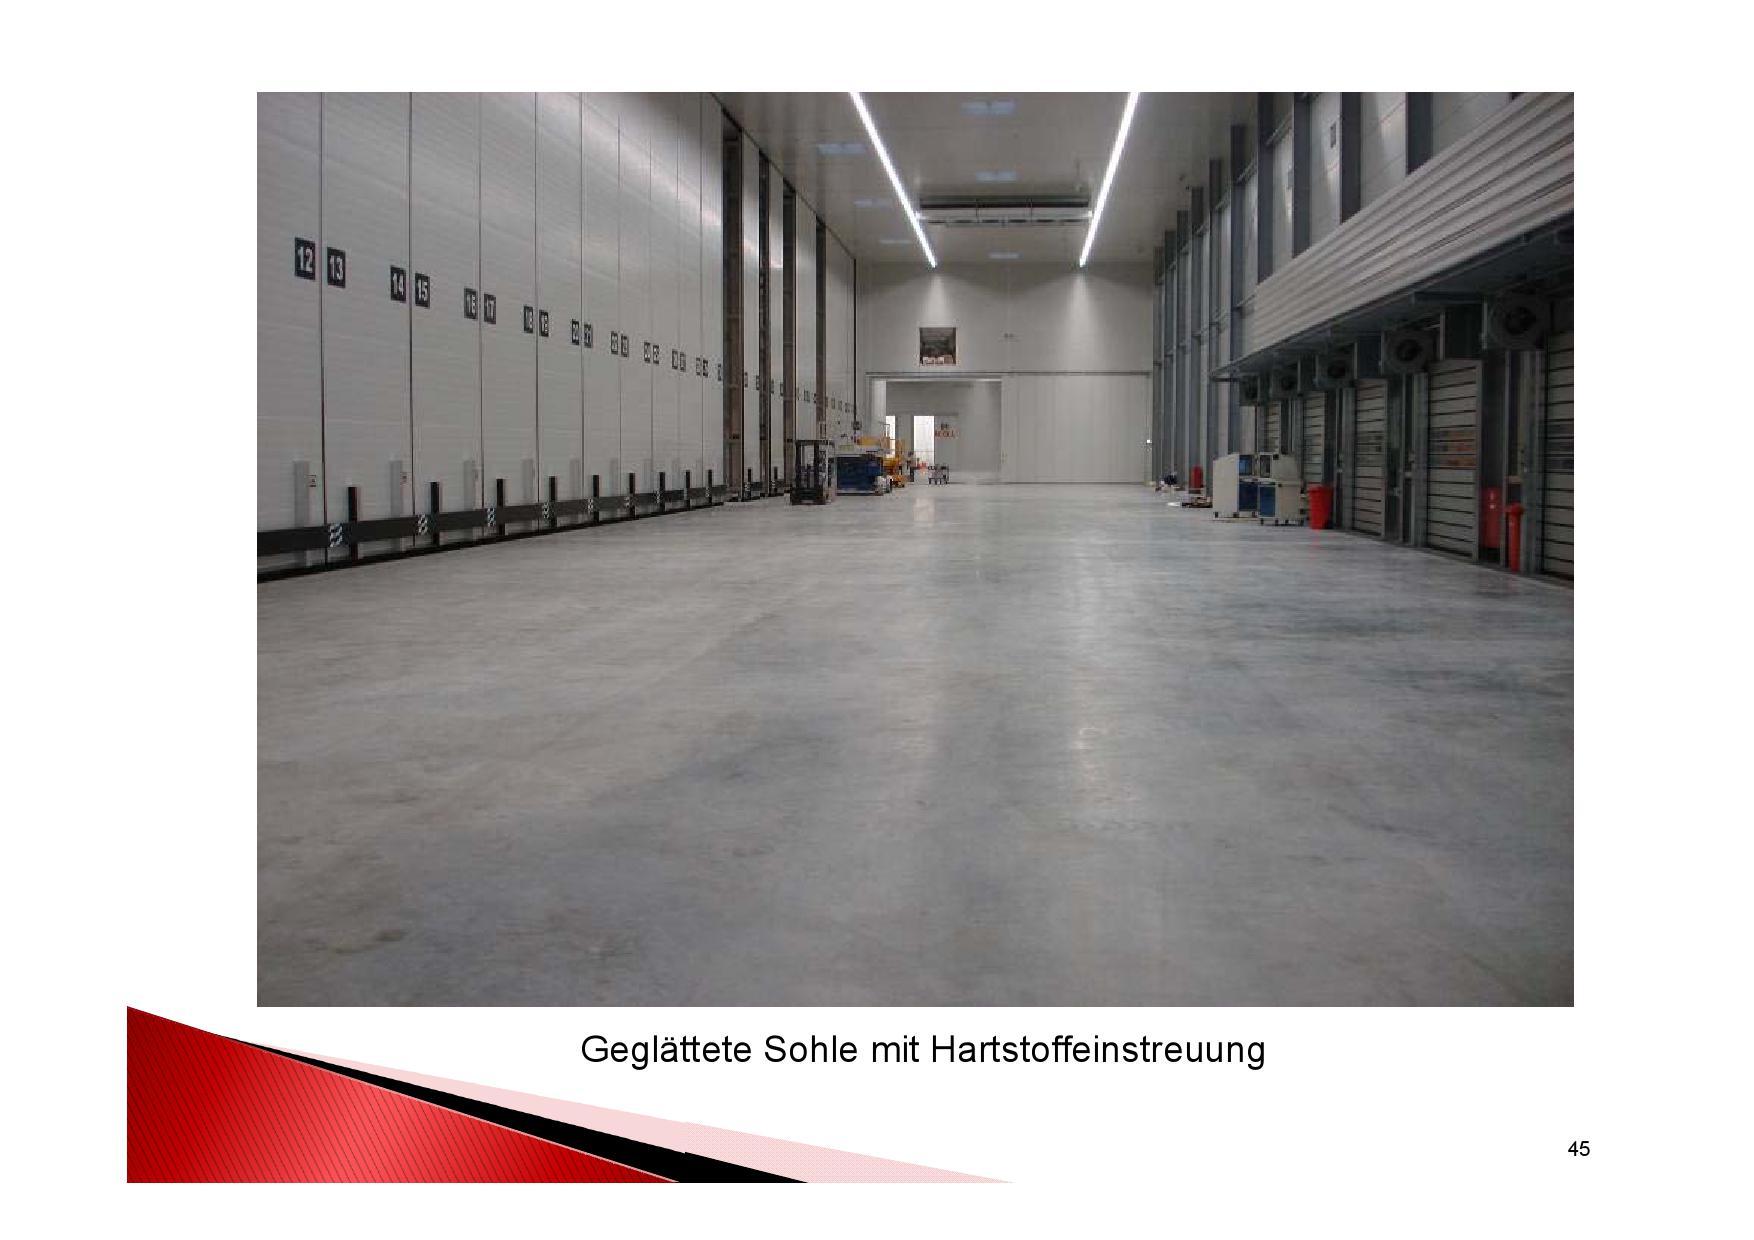 Industrieboden mit Hartstoffeinsteuung mit geglätterter Sohle